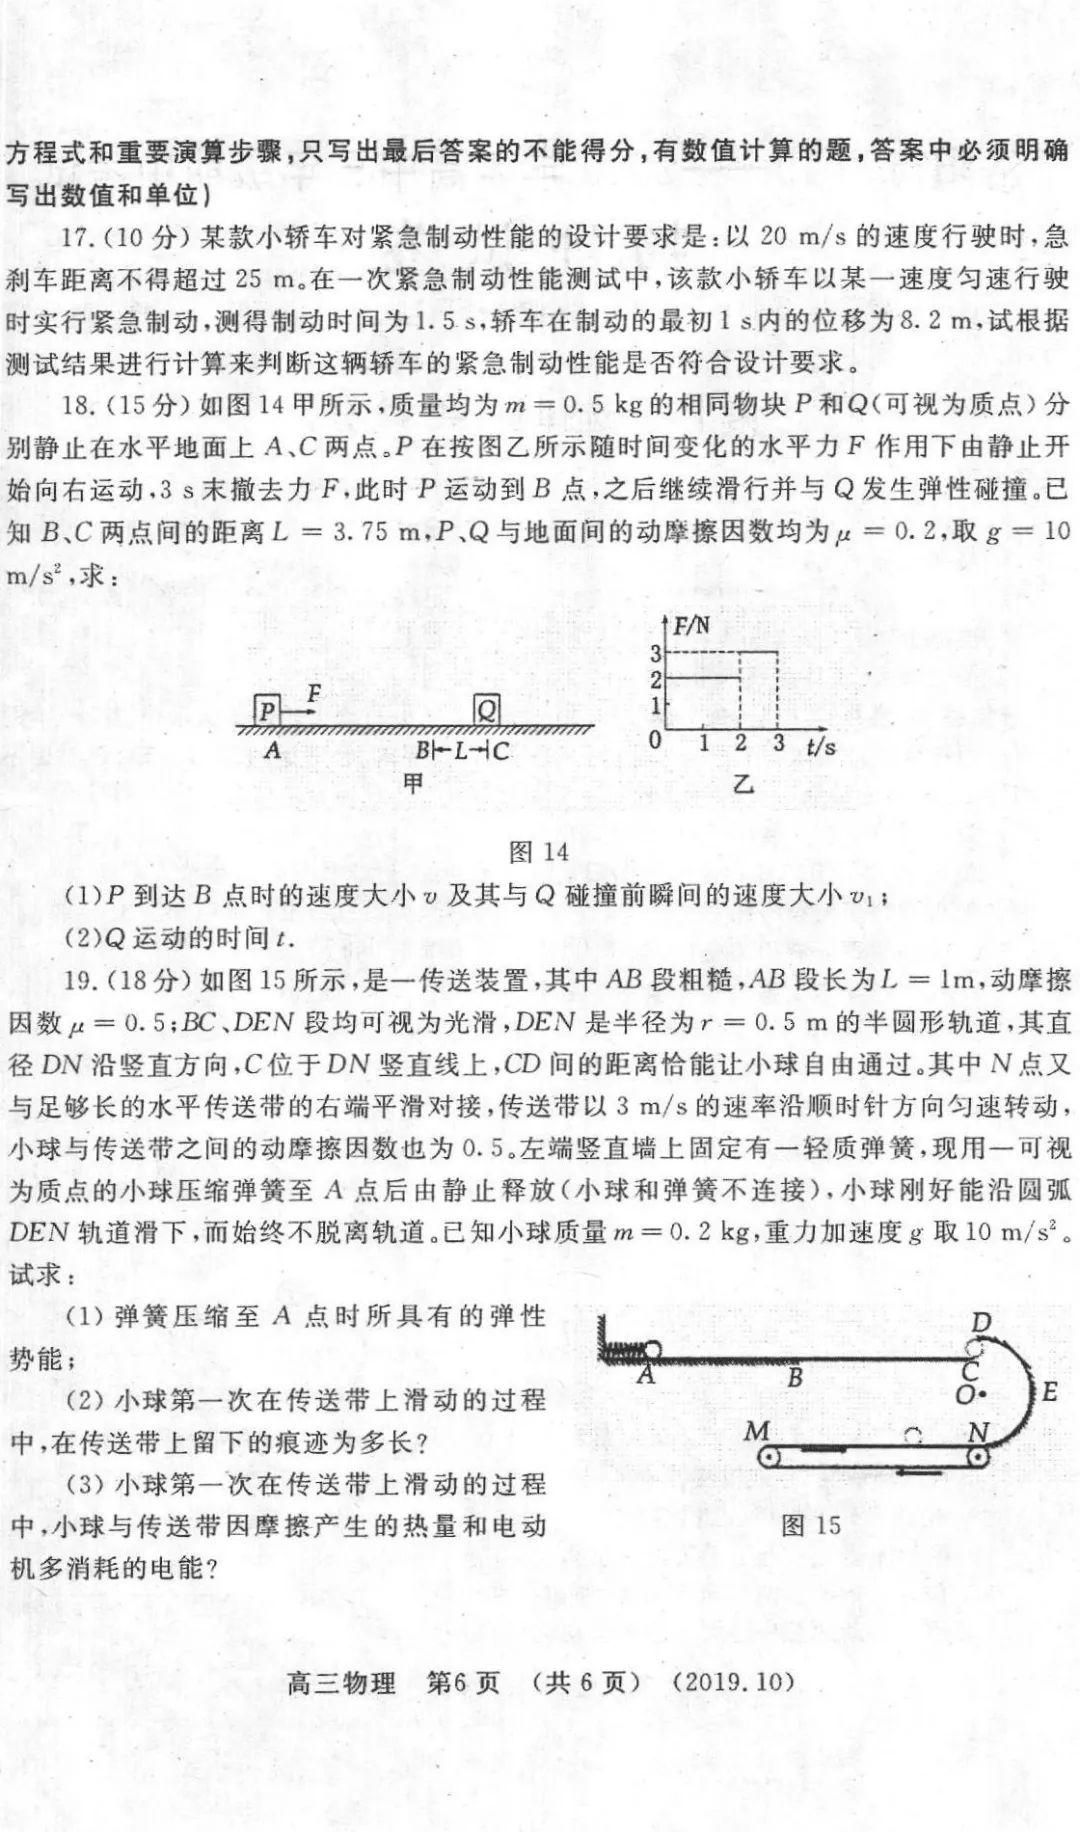 郑州新东方高考辅导